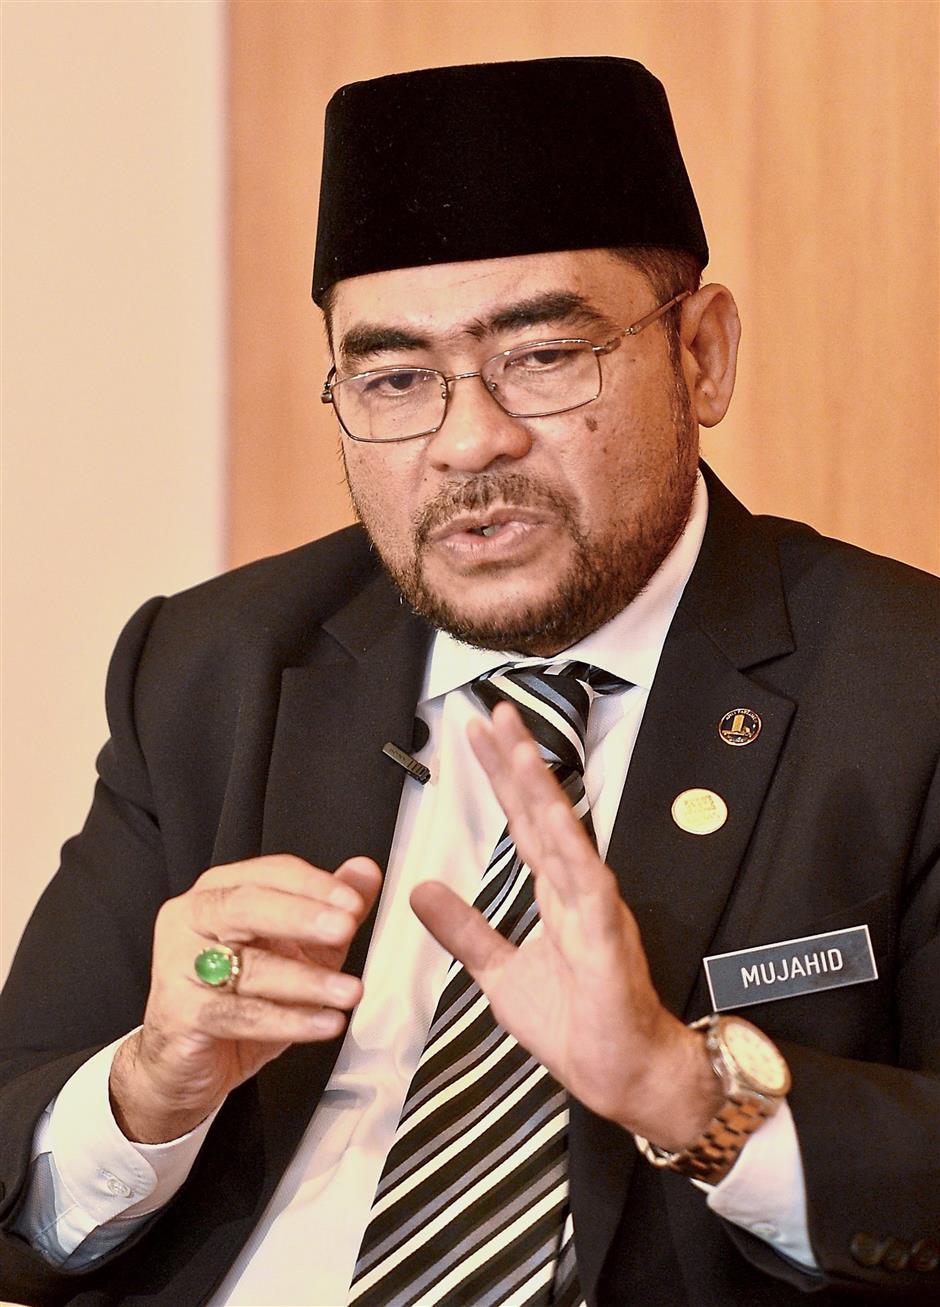 MINISTER OF RELIGIOUS AFFAIRS DATUK MUJAHID YUSOF RAWAReporter(s)  : ZAKIAH BEEVI KOYA